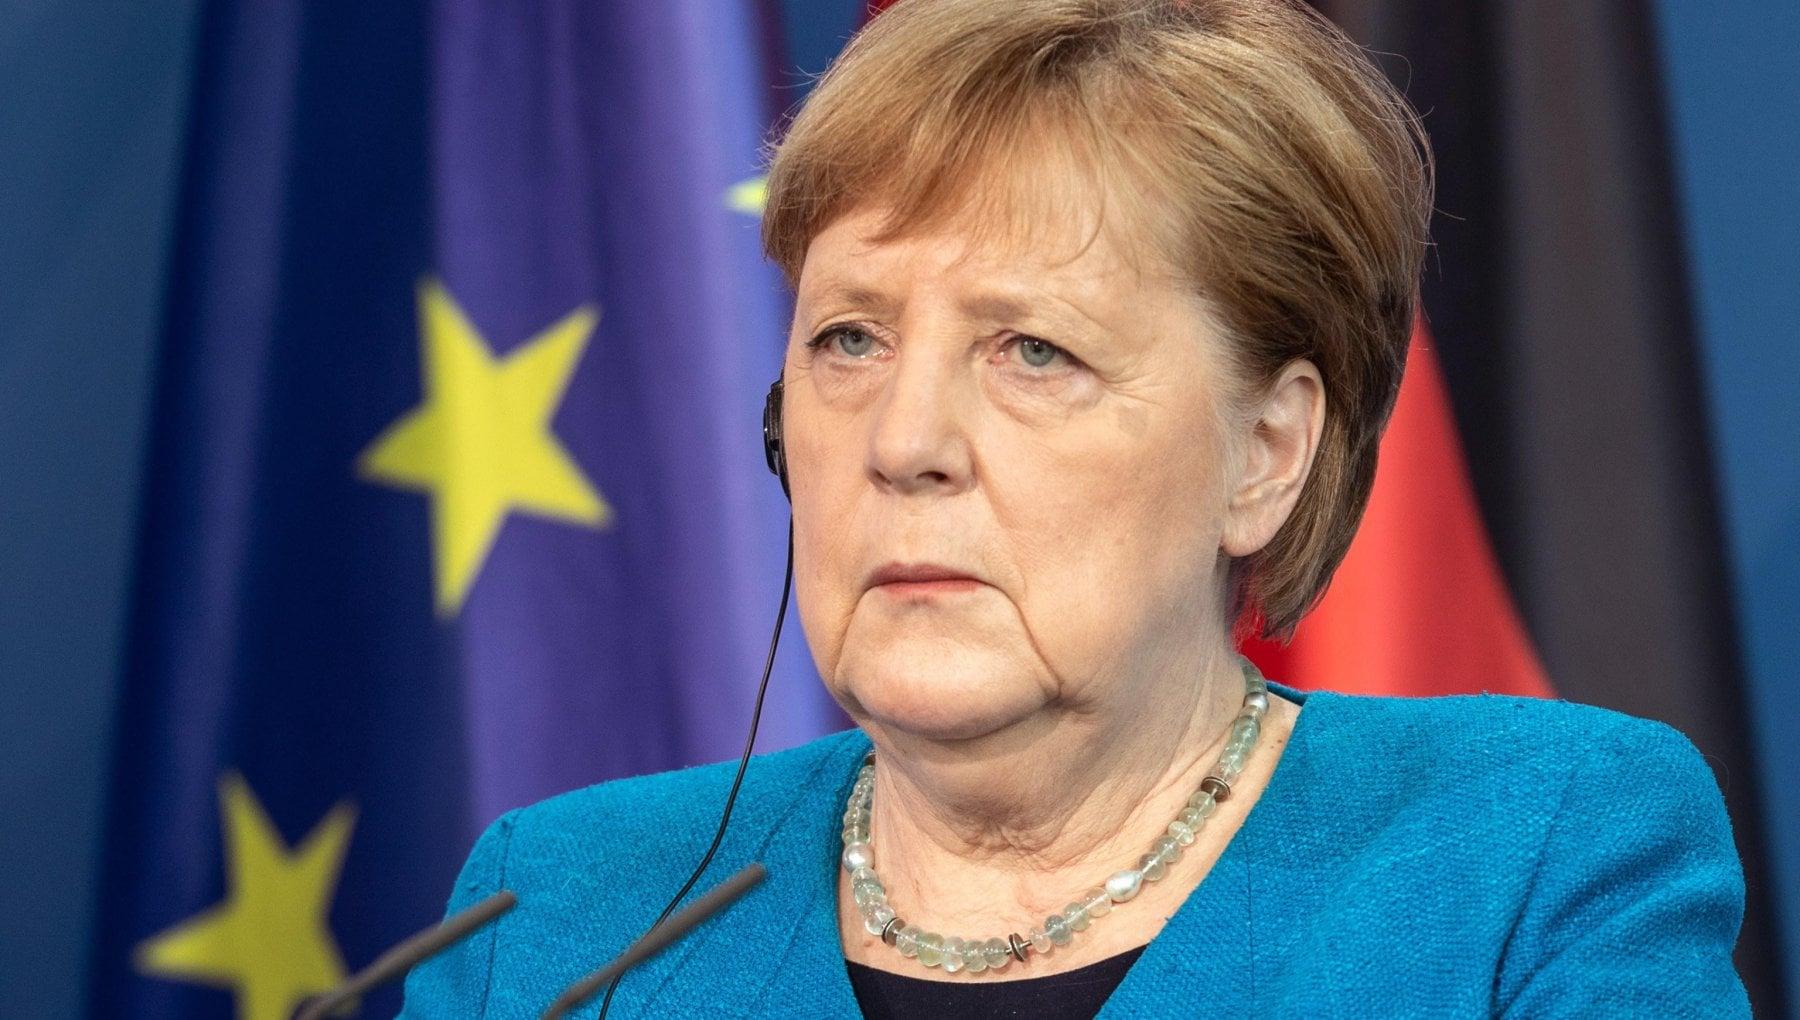 """220043626 857e5f99 b41f 4218 8446 ff385c6078ff - La Danimarca e lo spionaggio ai danni di Merkel. Il sostegno di Macron: """"Non è accettabile tra alleati"""""""